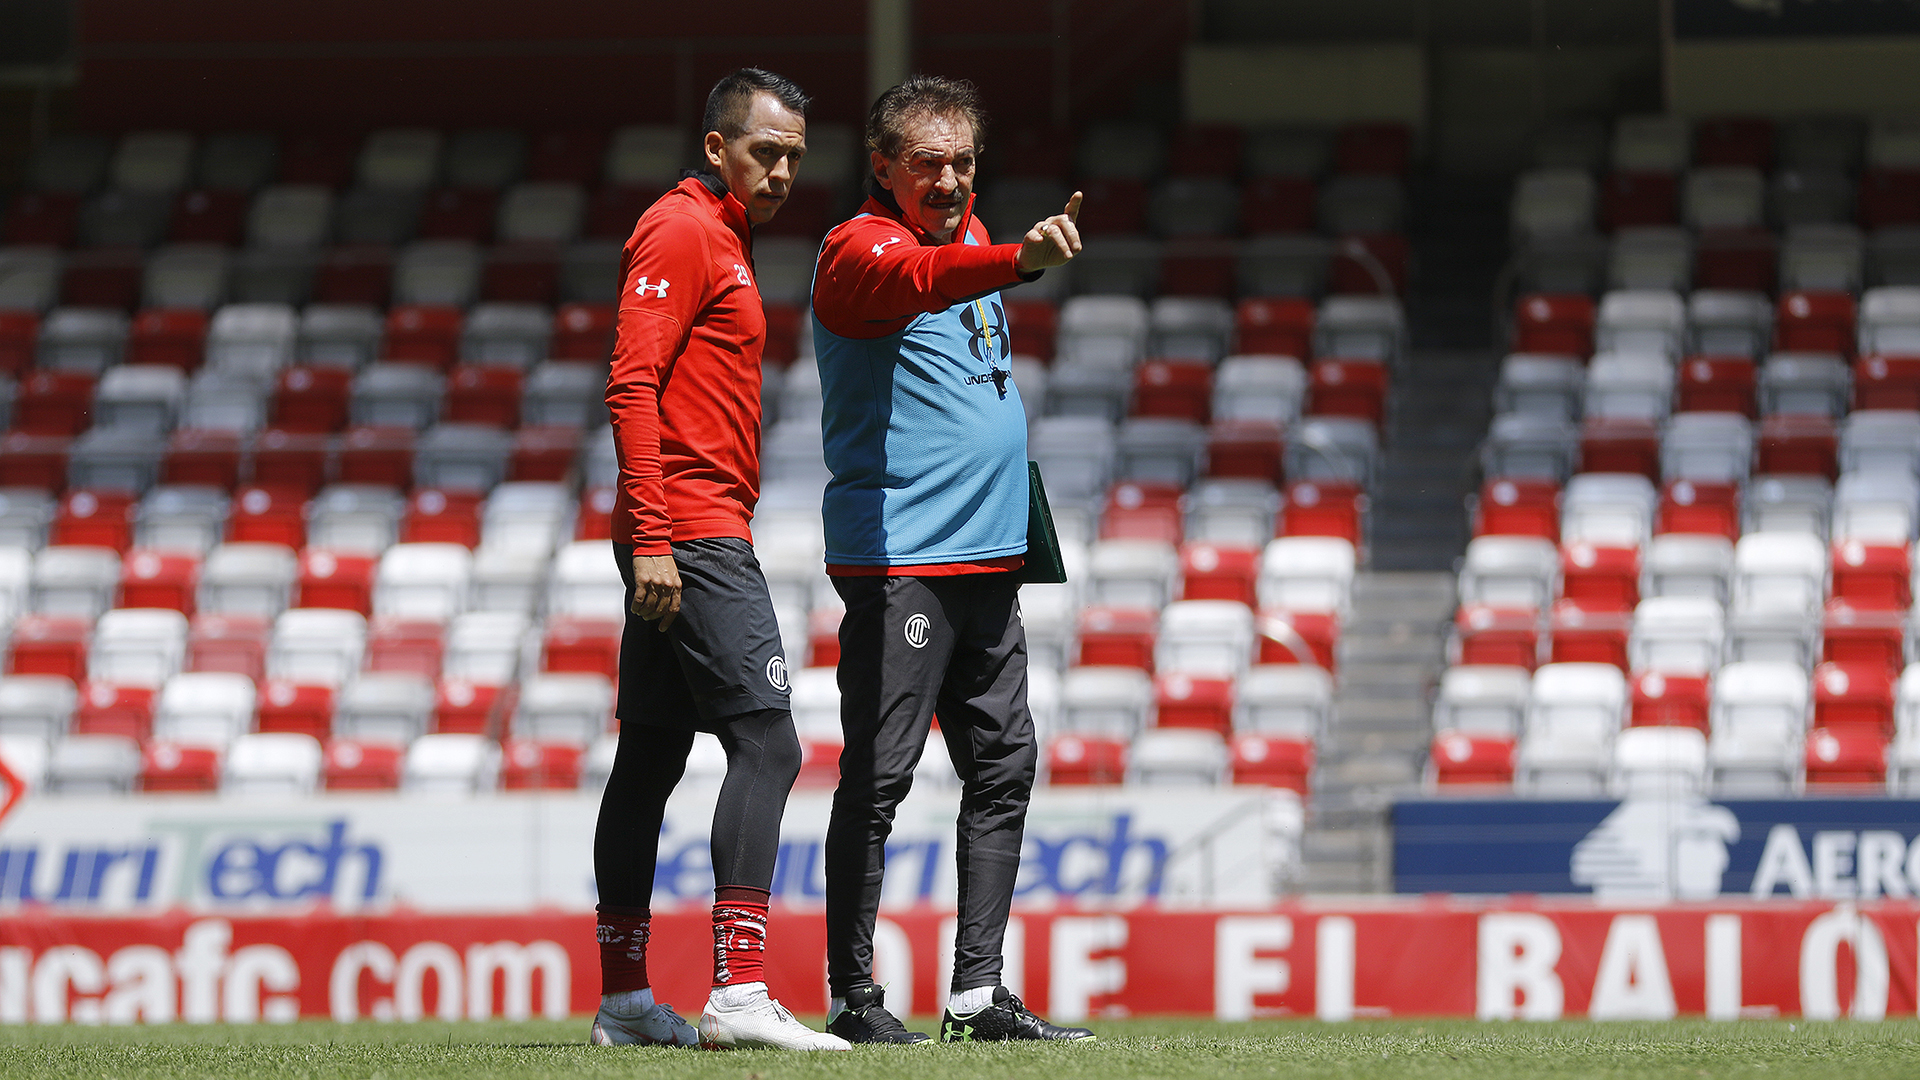 El estratega de los Diablos Rojos del Toluca, Ricardo La Volpe aseguró que la dinámica y la contundencia serán parte de la escuadra roja.